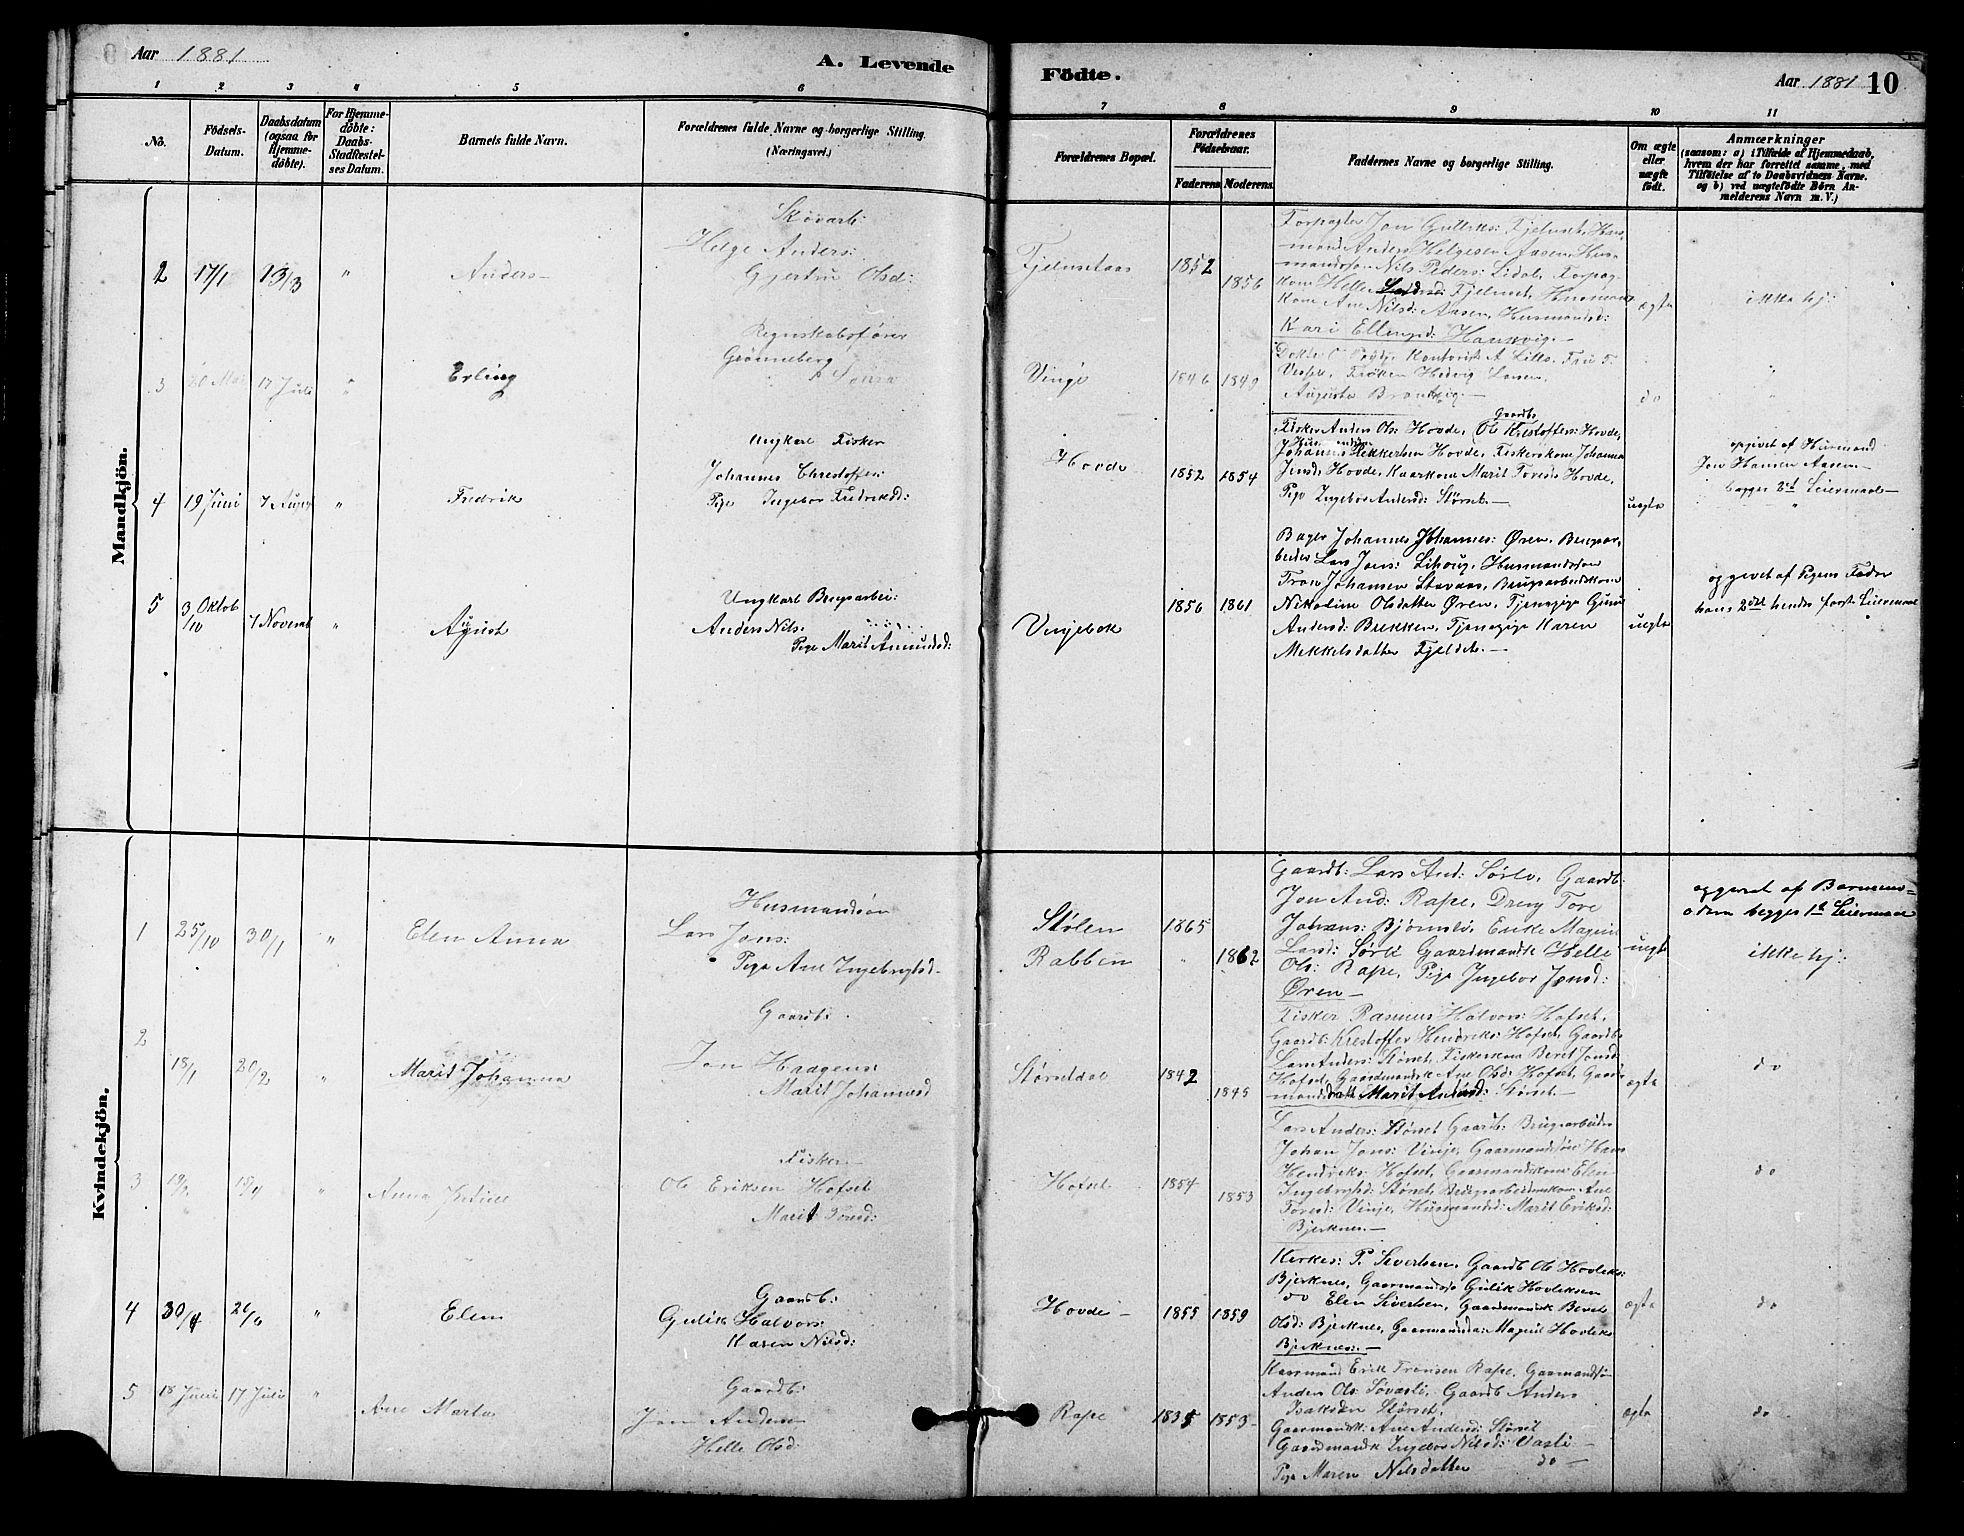 SAT, Ministerialprotokoller, klokkerbøker og fødselsregistre - Sør-Trøndelag, 631/L0514: Klokkerbok nr. 631C02, 1879-1912, s. 10